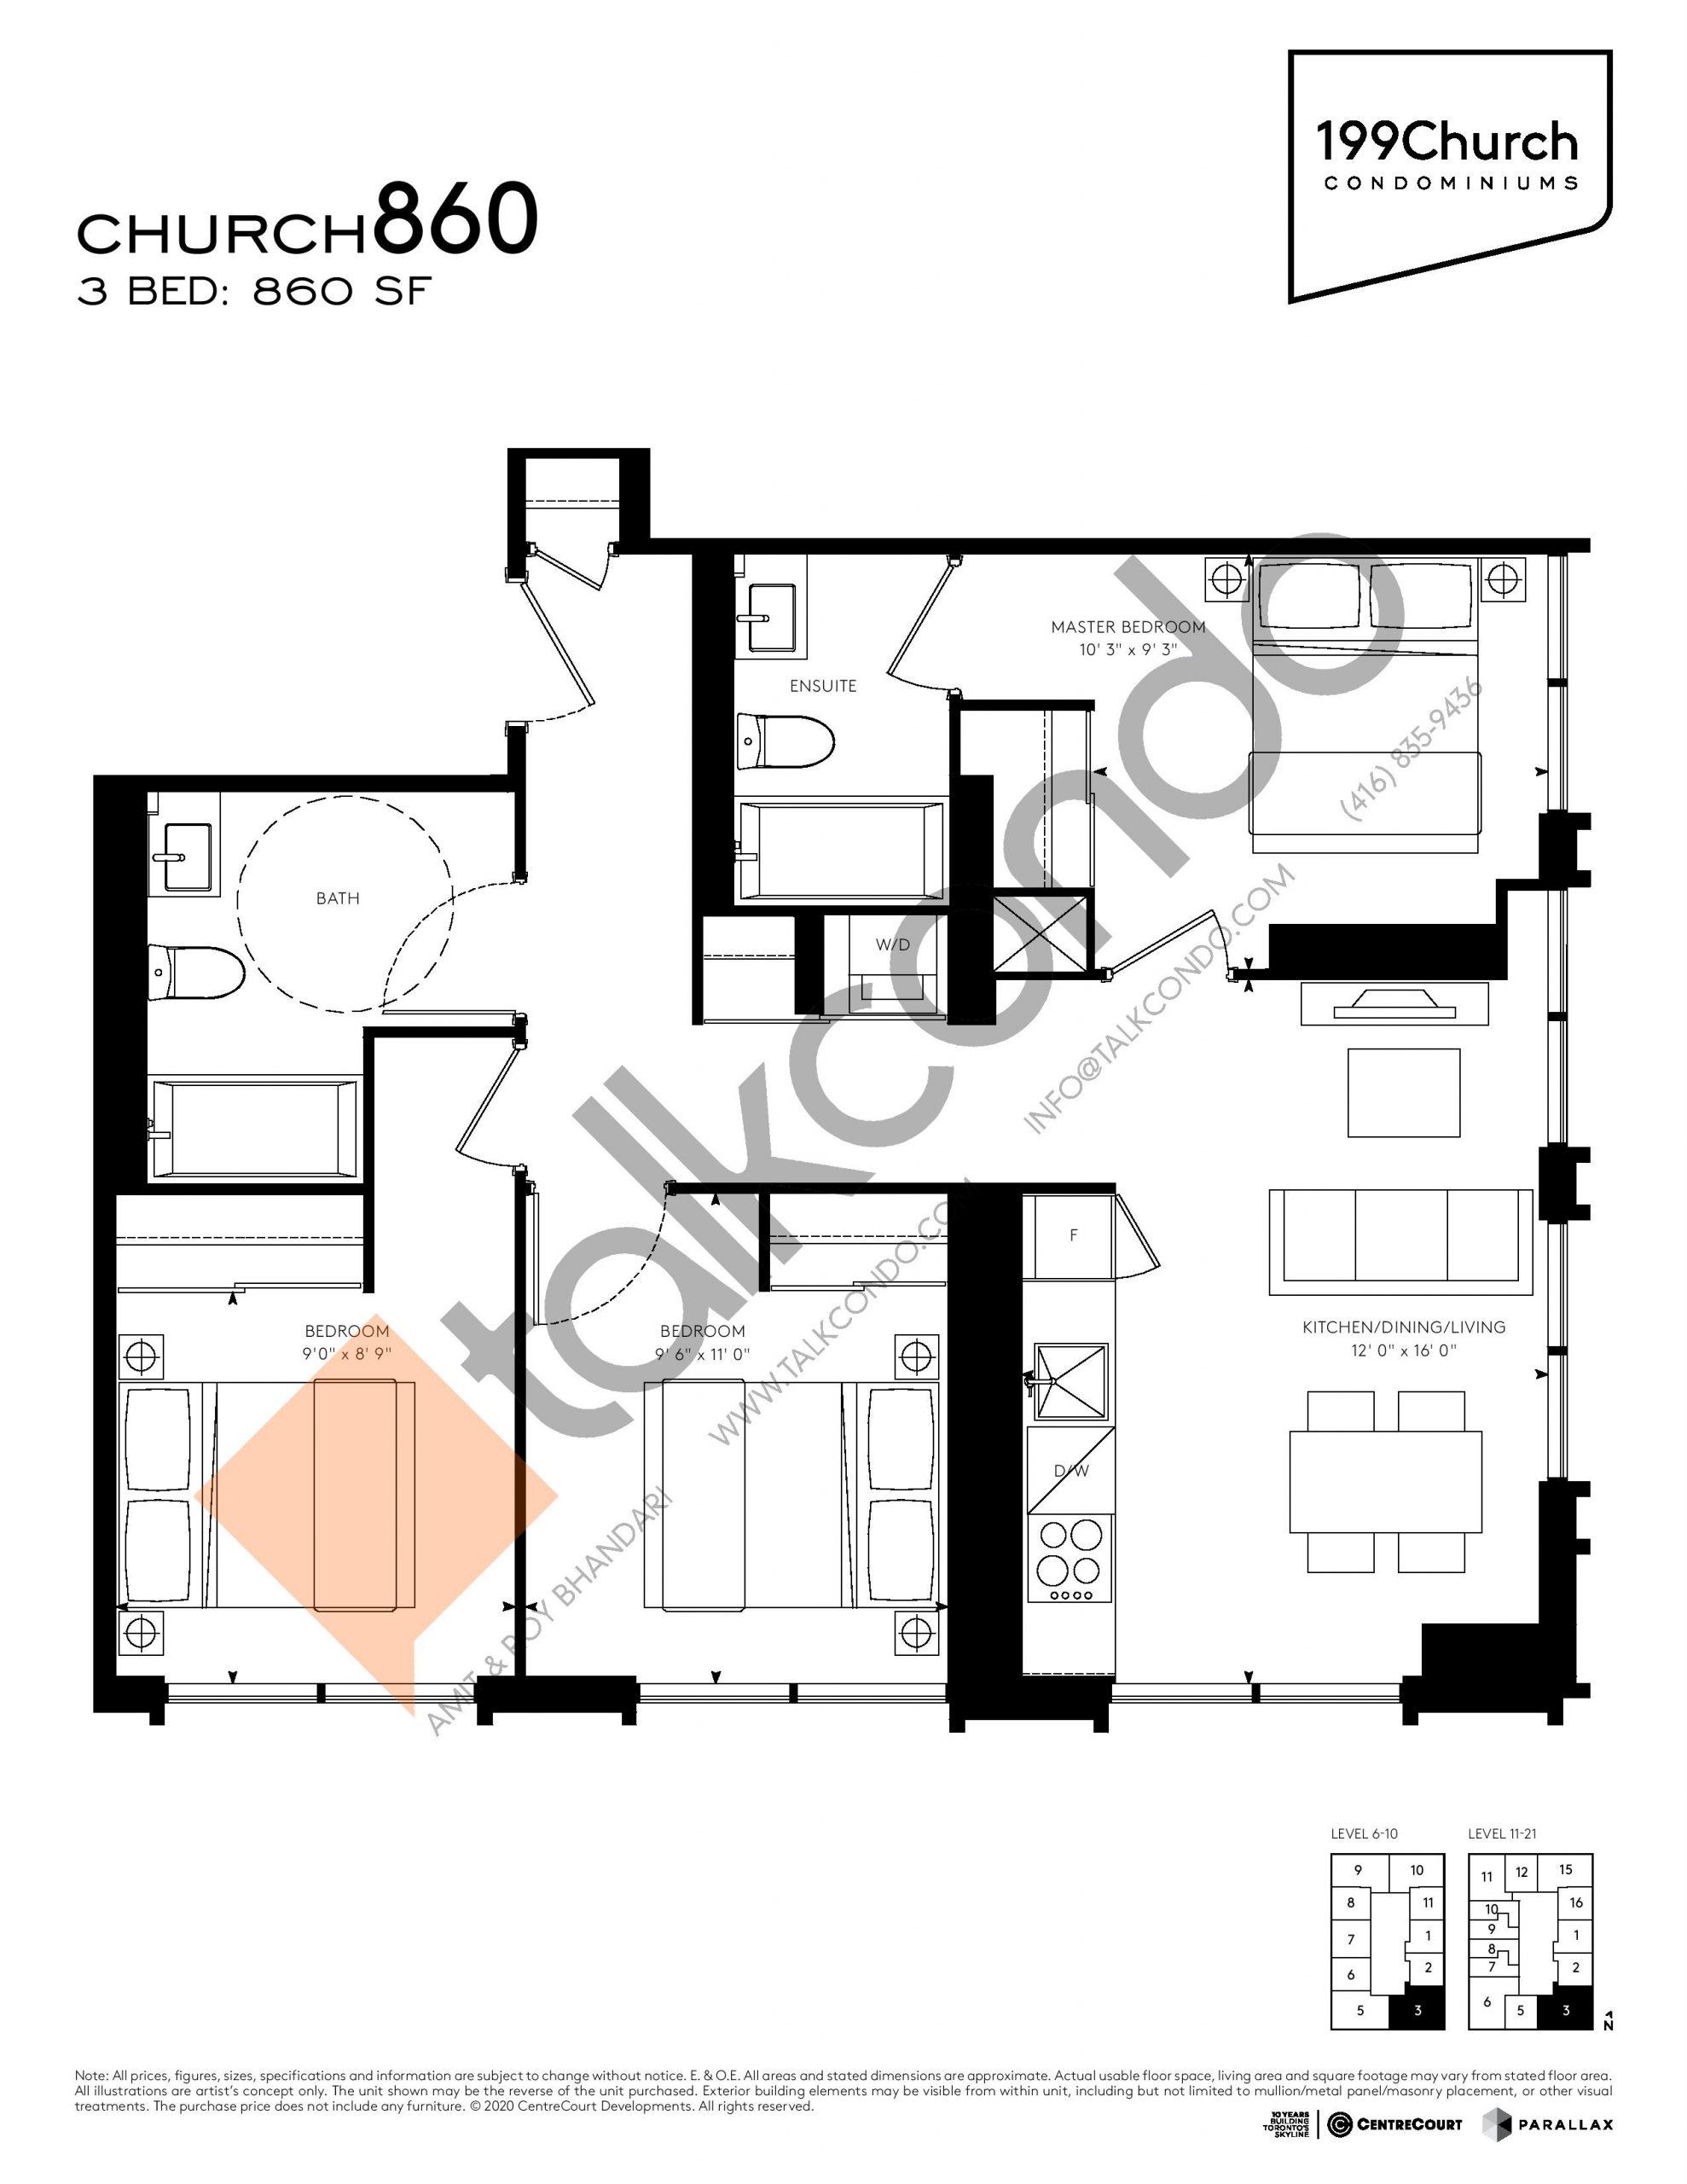 Church 860 Floor Plan at 199 Church Condos - 860 sq.ft